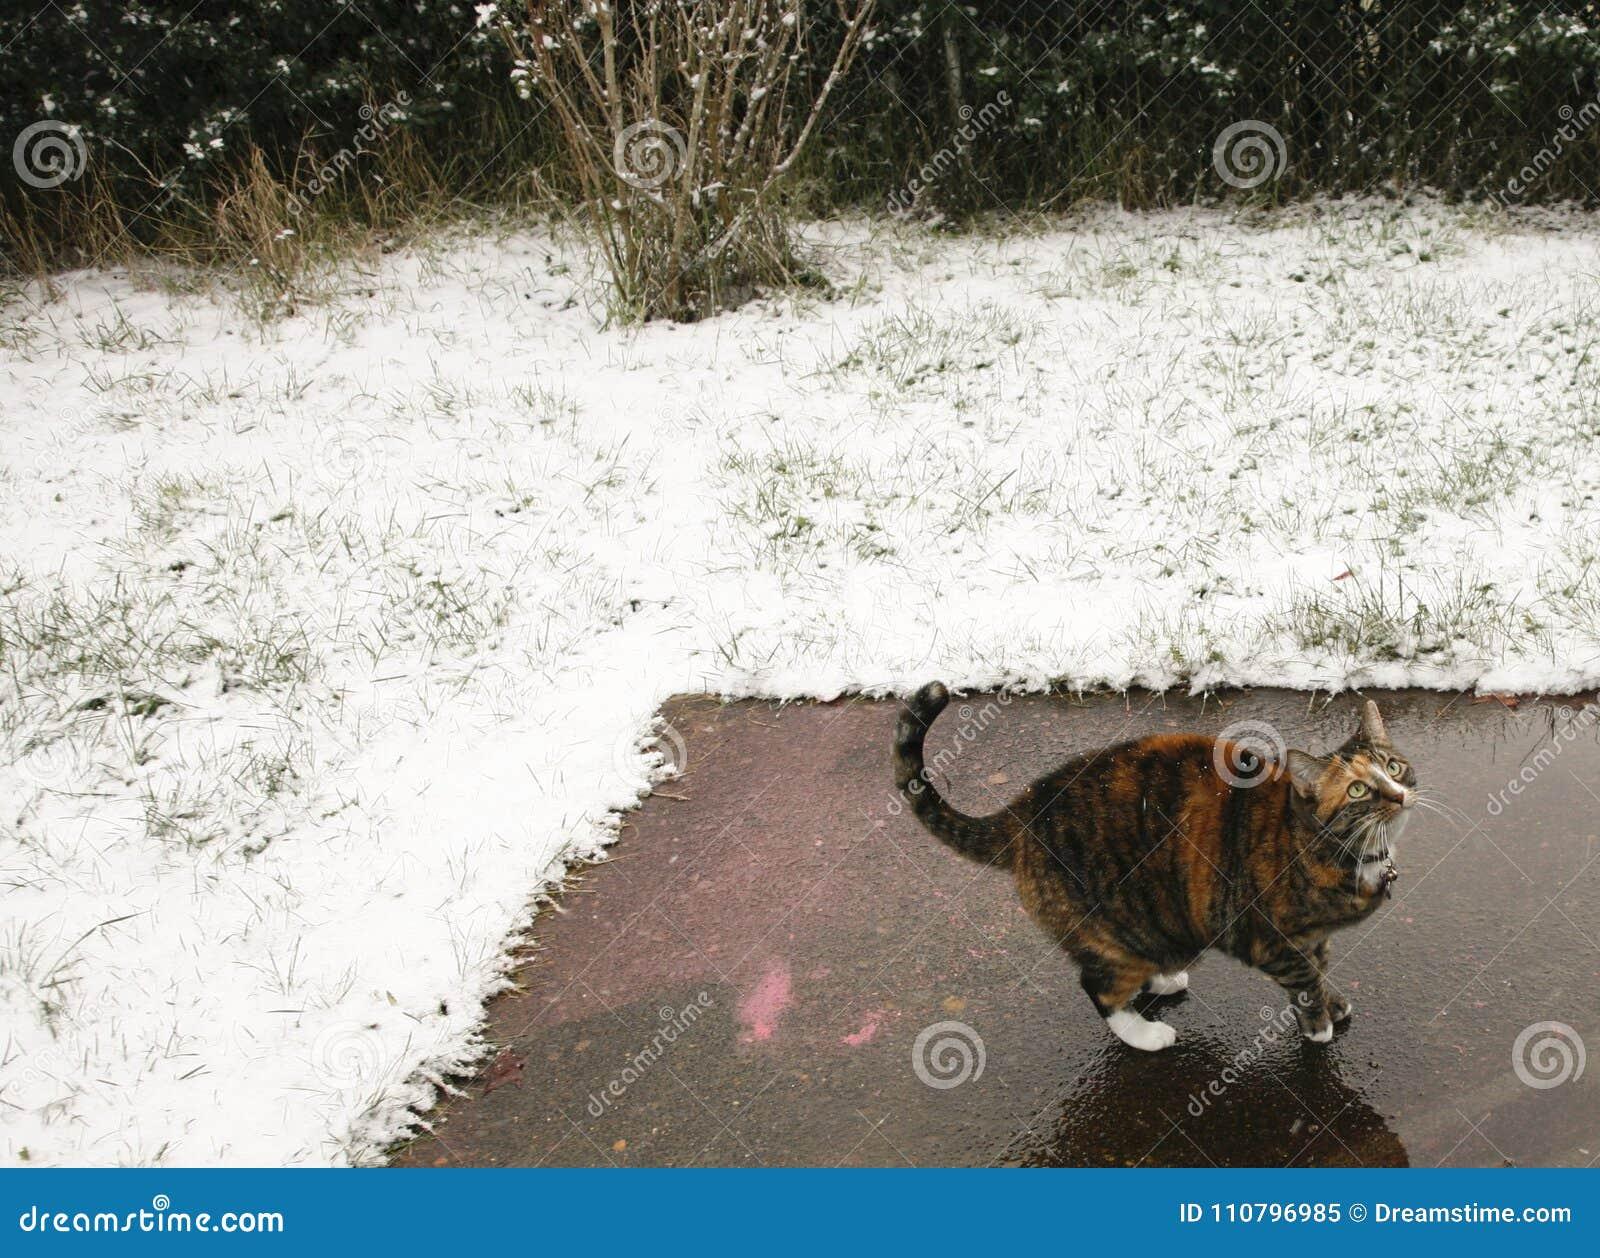 Collared Cat Looking Up in de Sneeuw